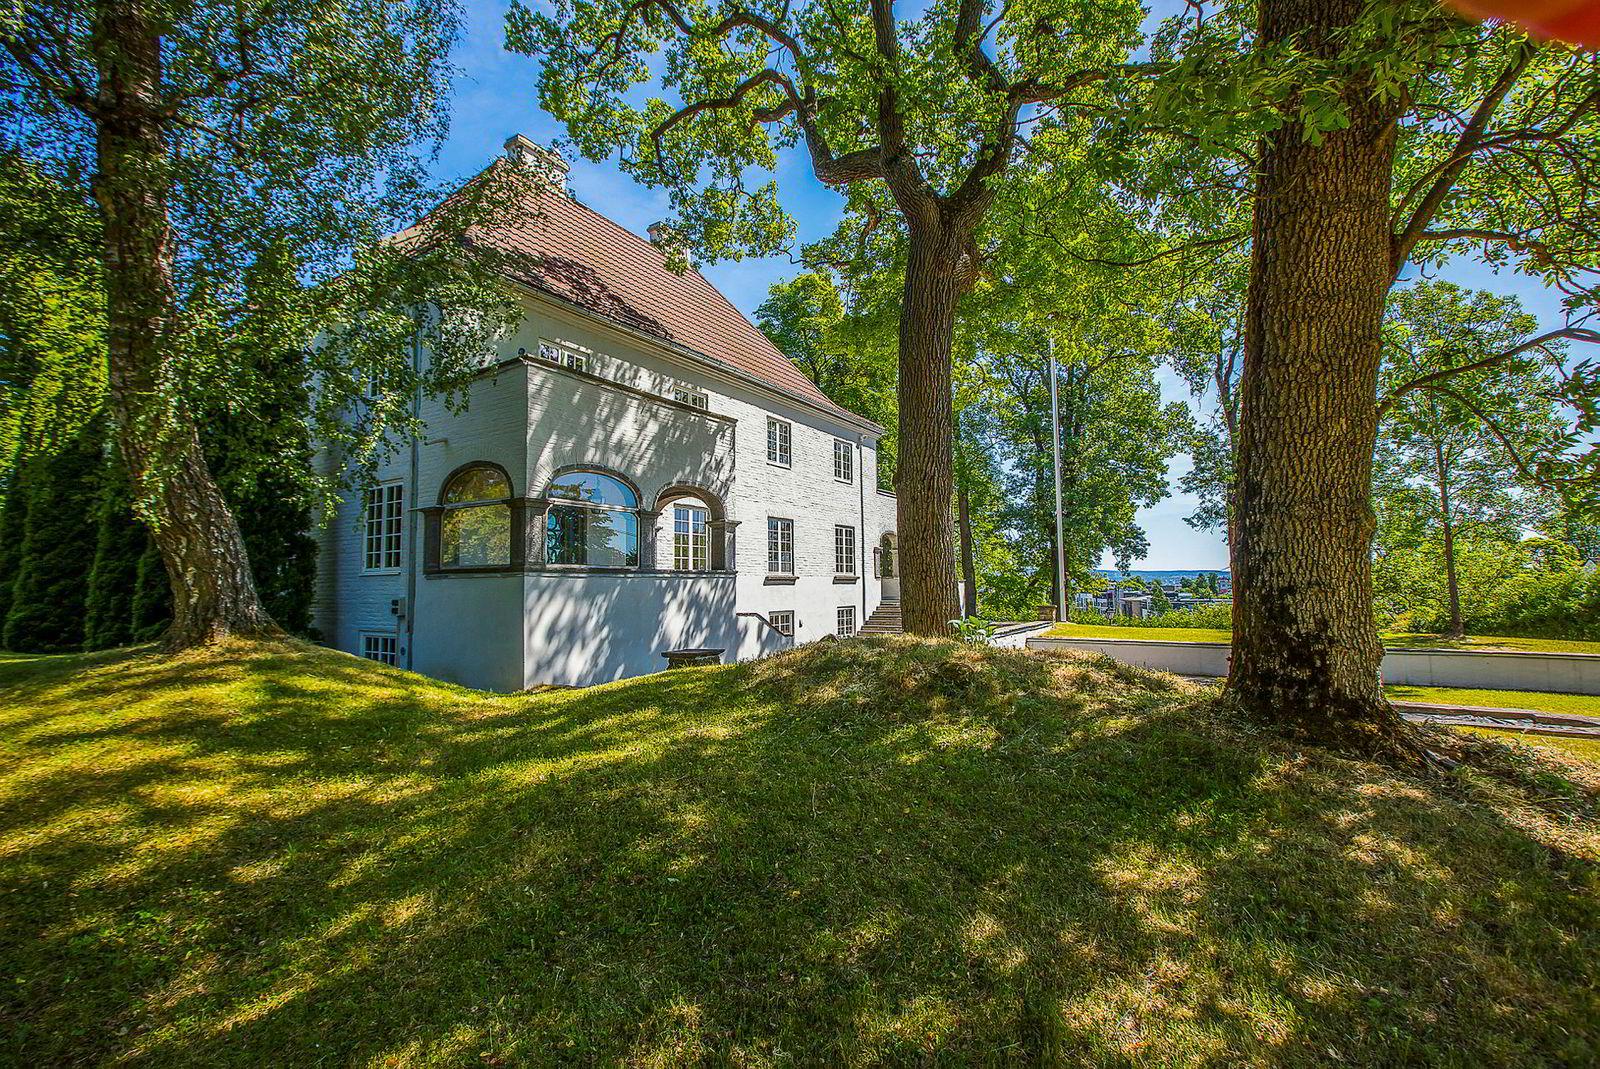 Huset ble bygget i 1915 for en grossist. Bygget er i murstein og har fått navnet Villa Alvim.